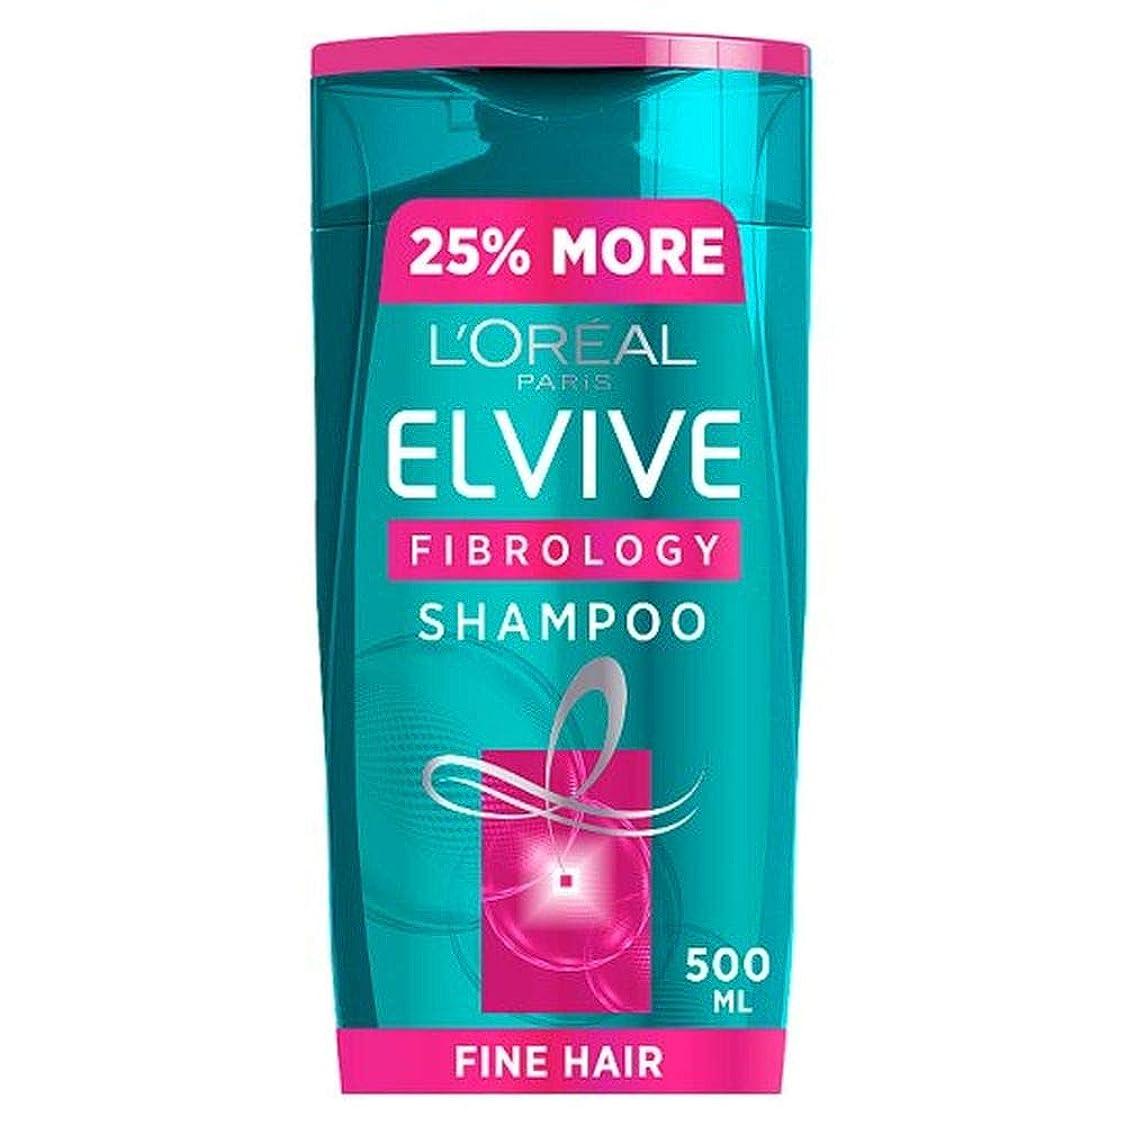 ボイラーおもてなし調べる[Elvive] ロレアルElvive細い髪肥厚シャンプー500ミリリットル - L'oreal Elvive Fine Hair Thickening Shampoo 500Ml [並行輸入品]